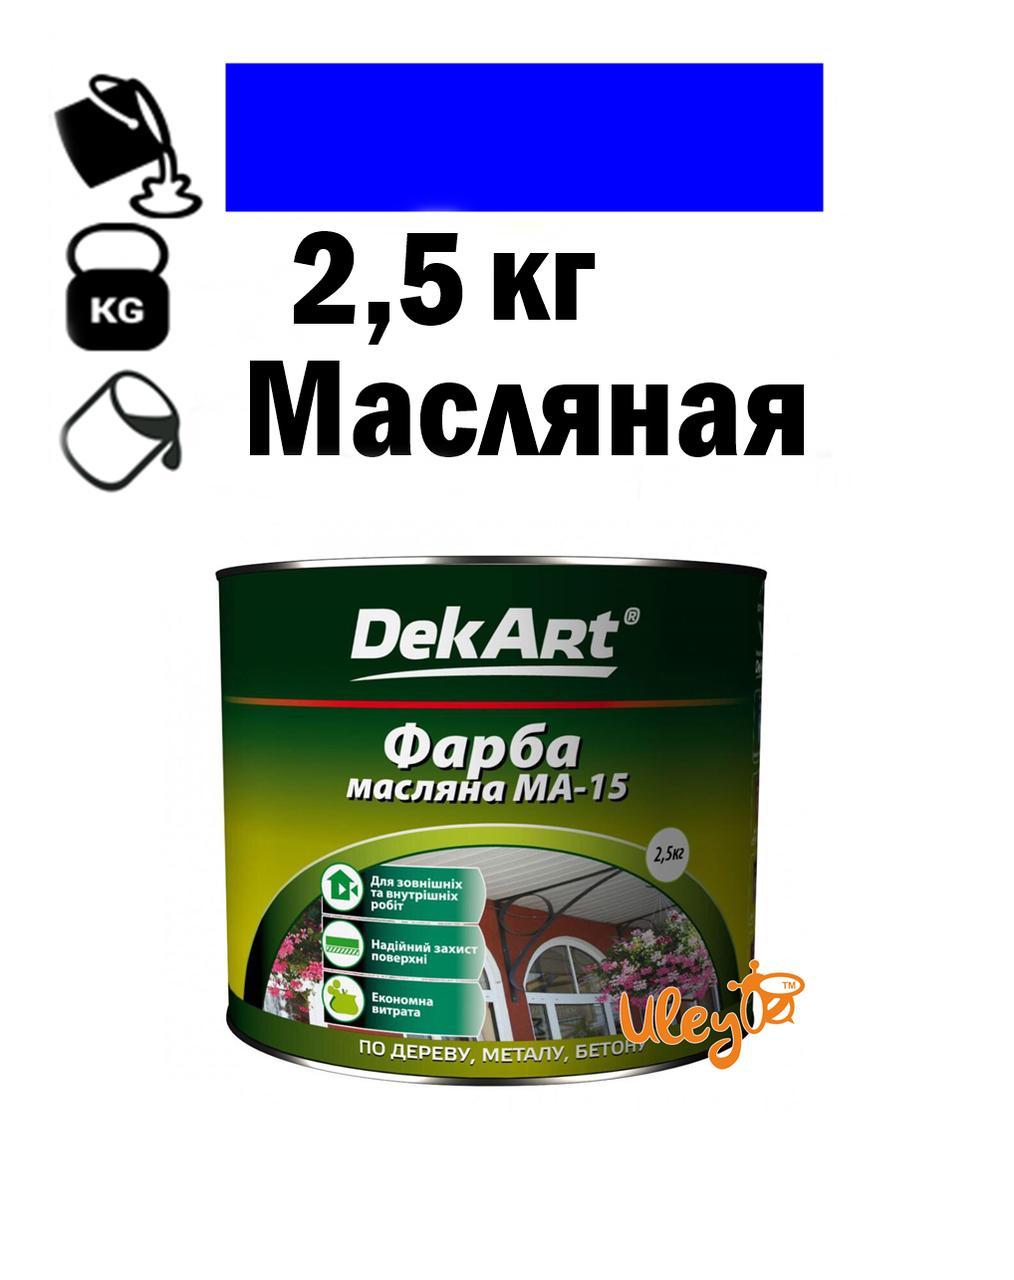 Краска для ульев, масляная MA-15 TM DekArt. Голубая – 2,5 кг